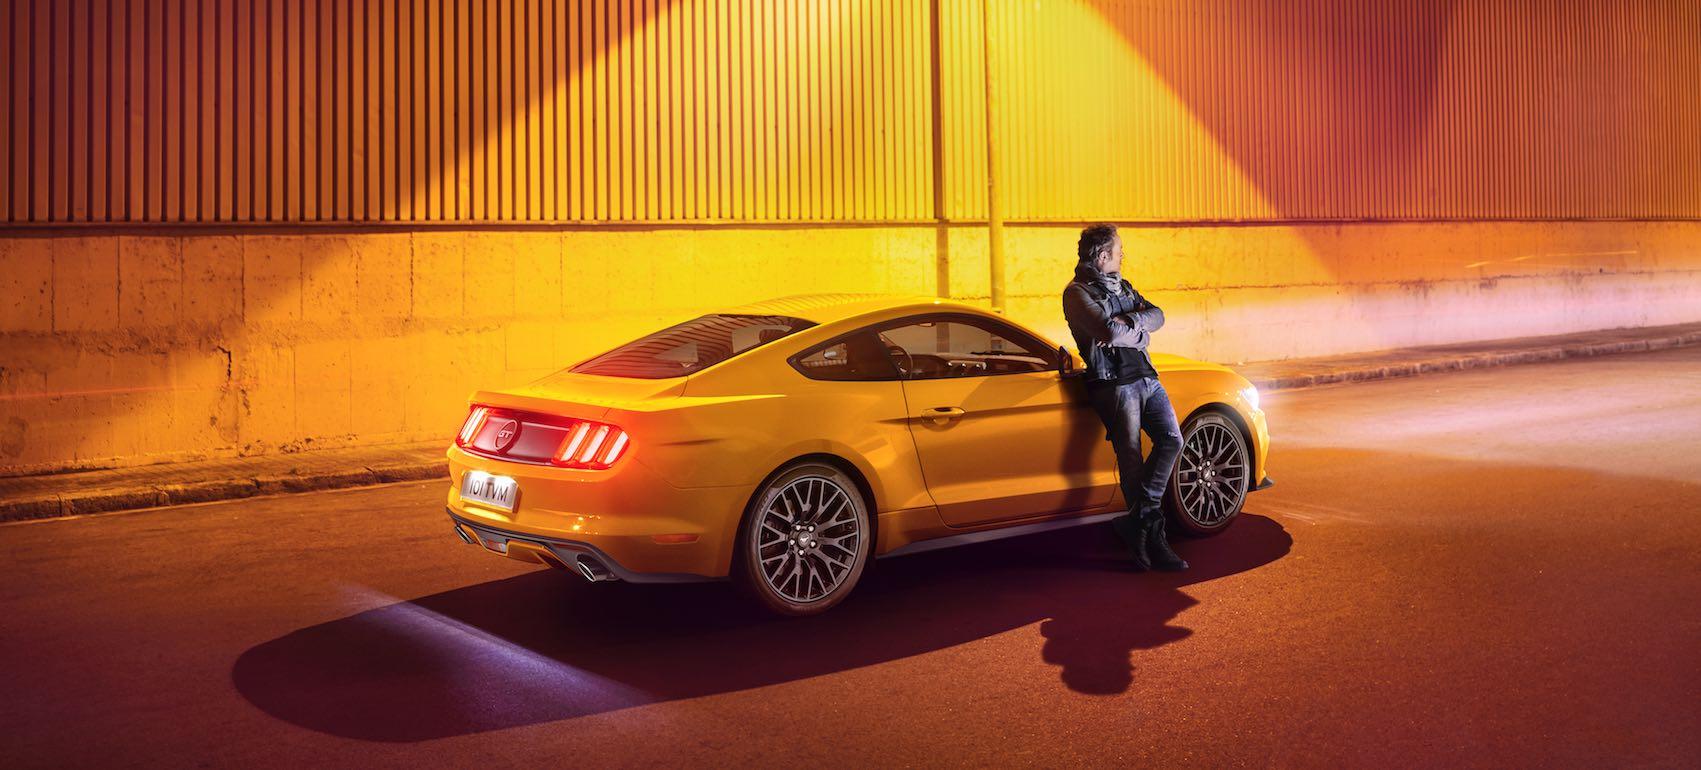 Günstiges leasing angebot für den ford mustang 2016 coupe 23 und 5 0